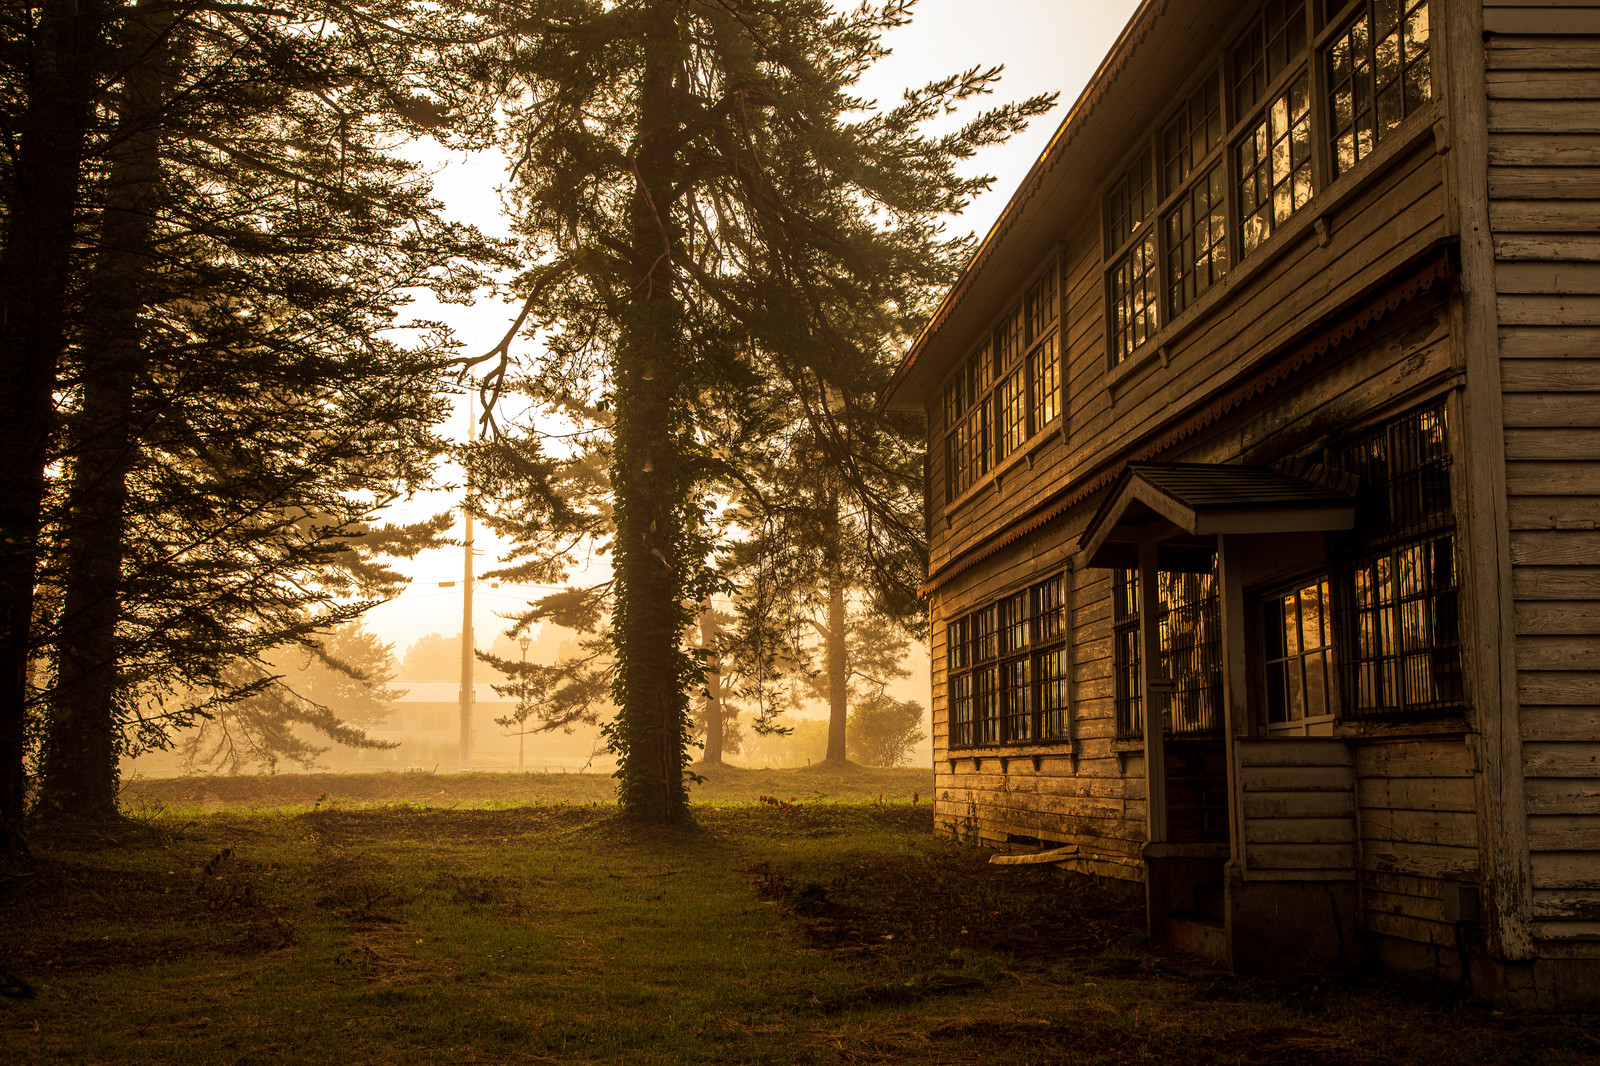 「朝霧に包まれる夜明けの廃校舎」の写真